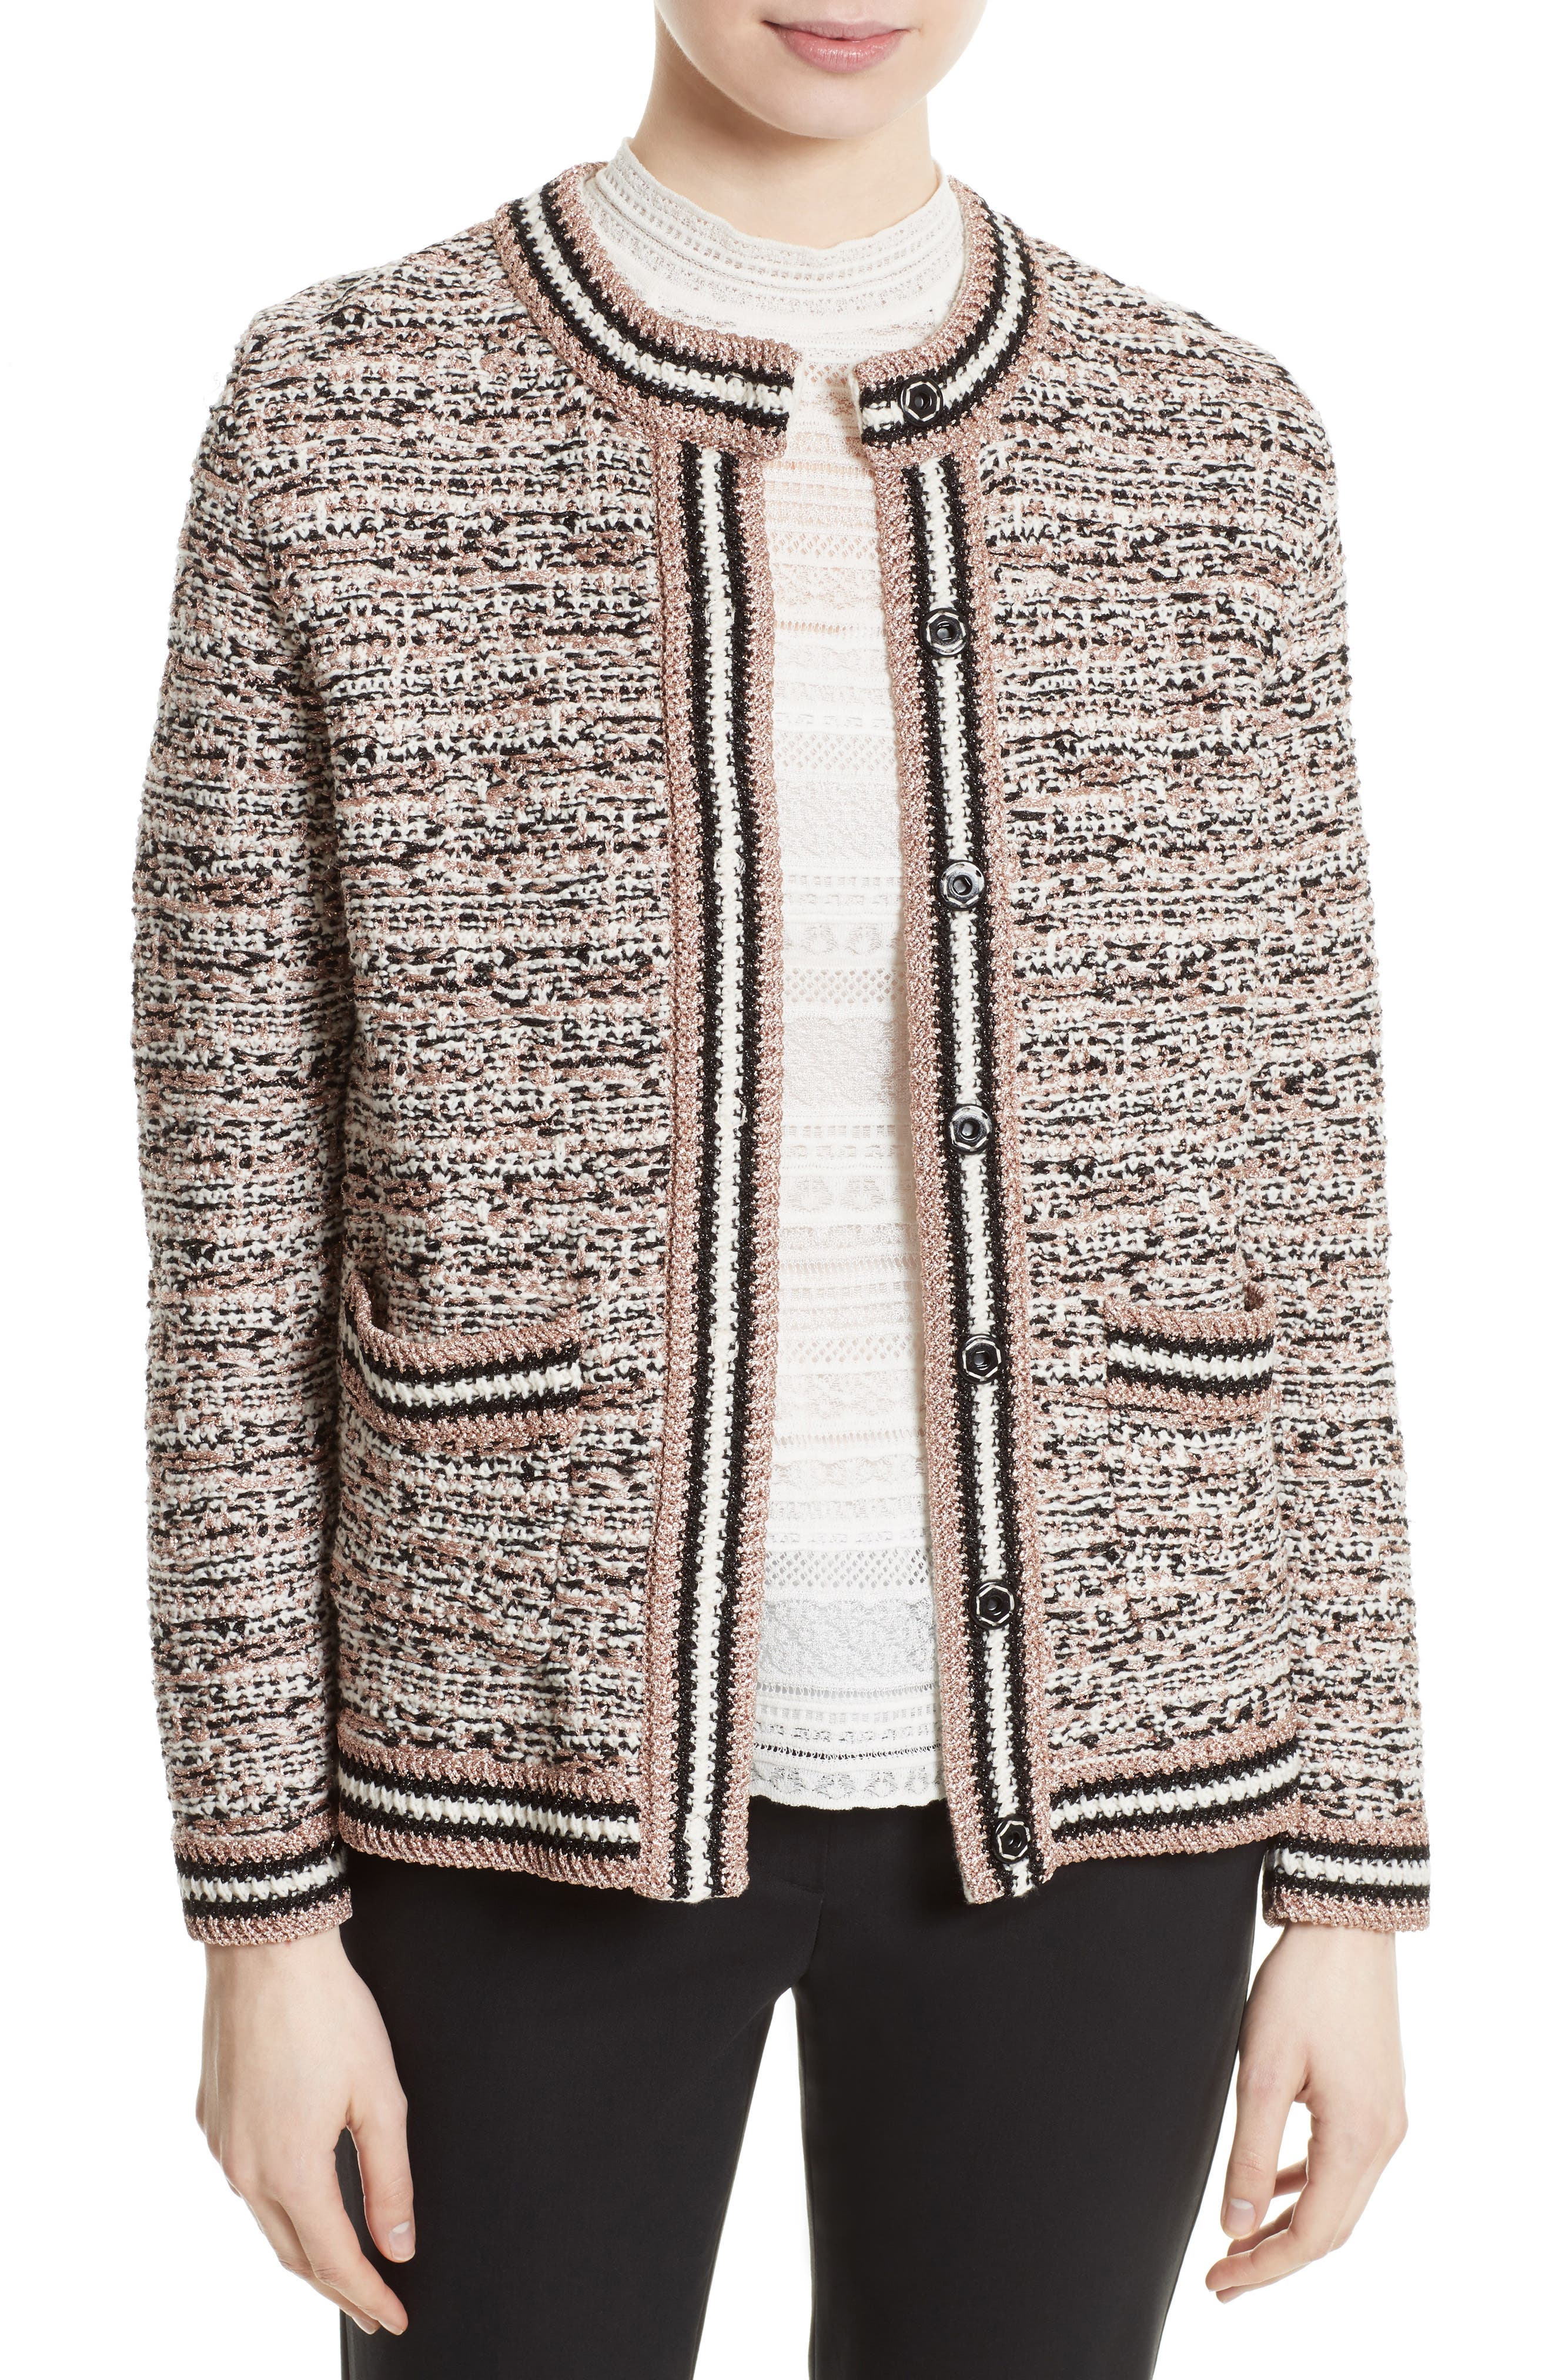 Main Image - M Missoni Metallic Tweed Jacket